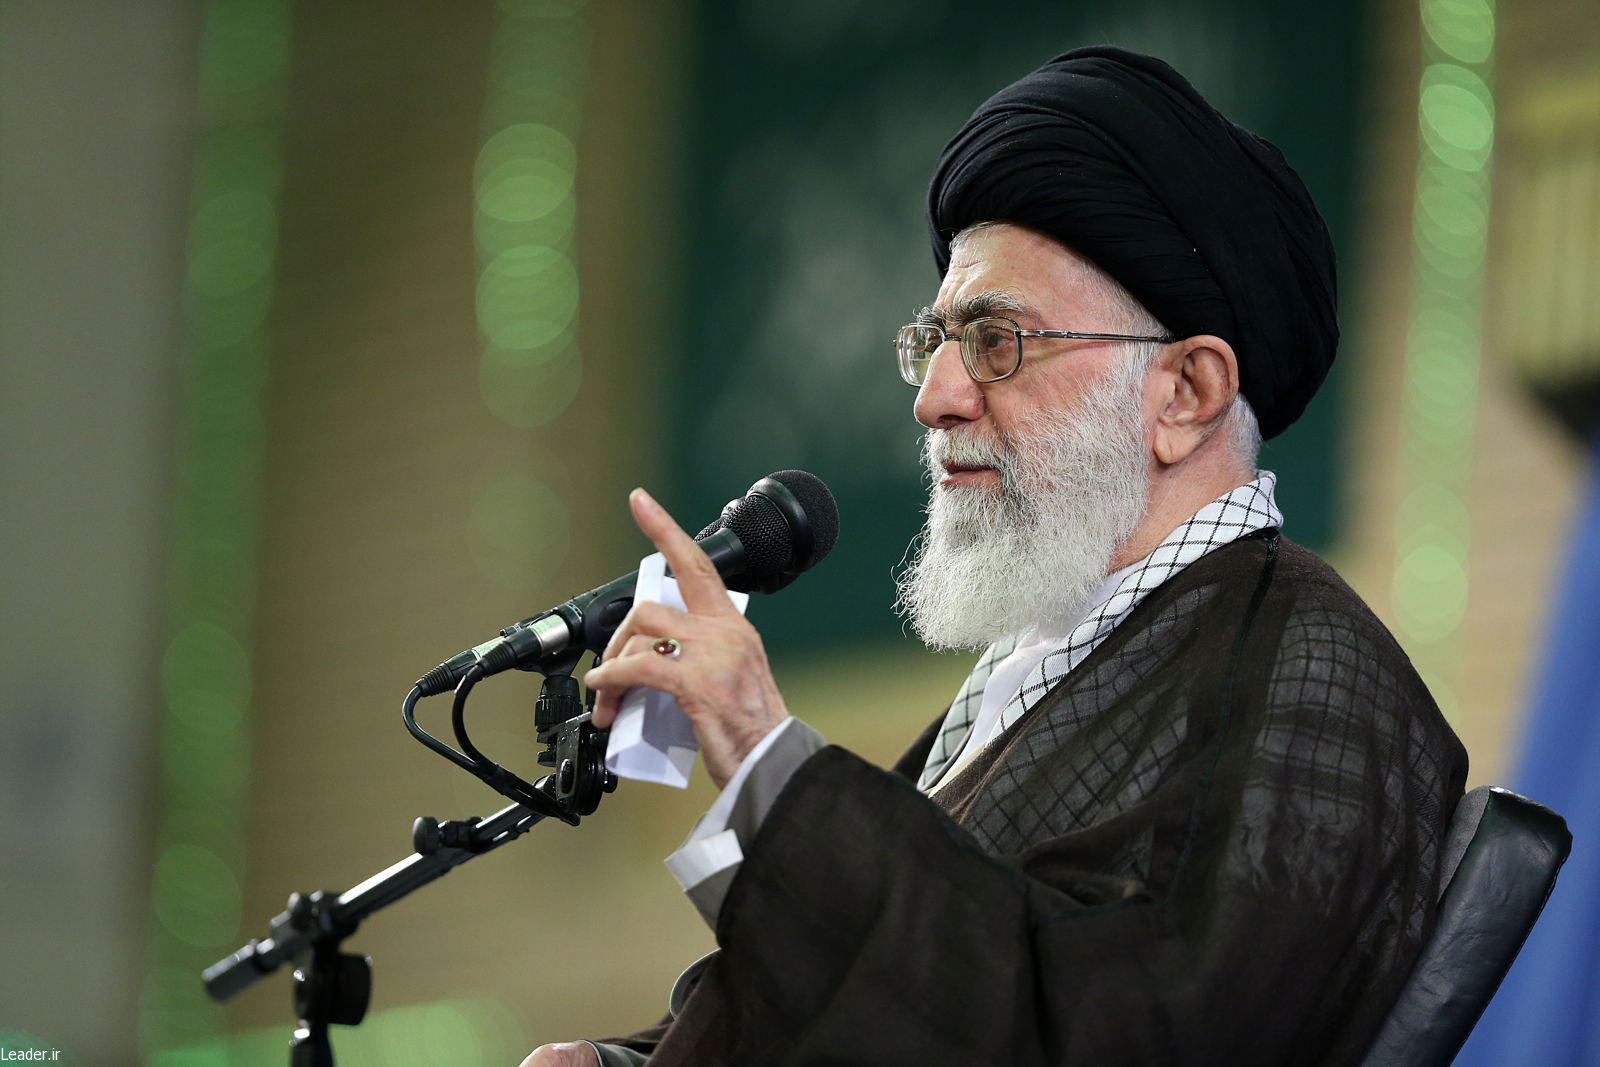 پیام نوروزی رهبر انقلاب به مناسبت آغاز سال ۱۳۹۵